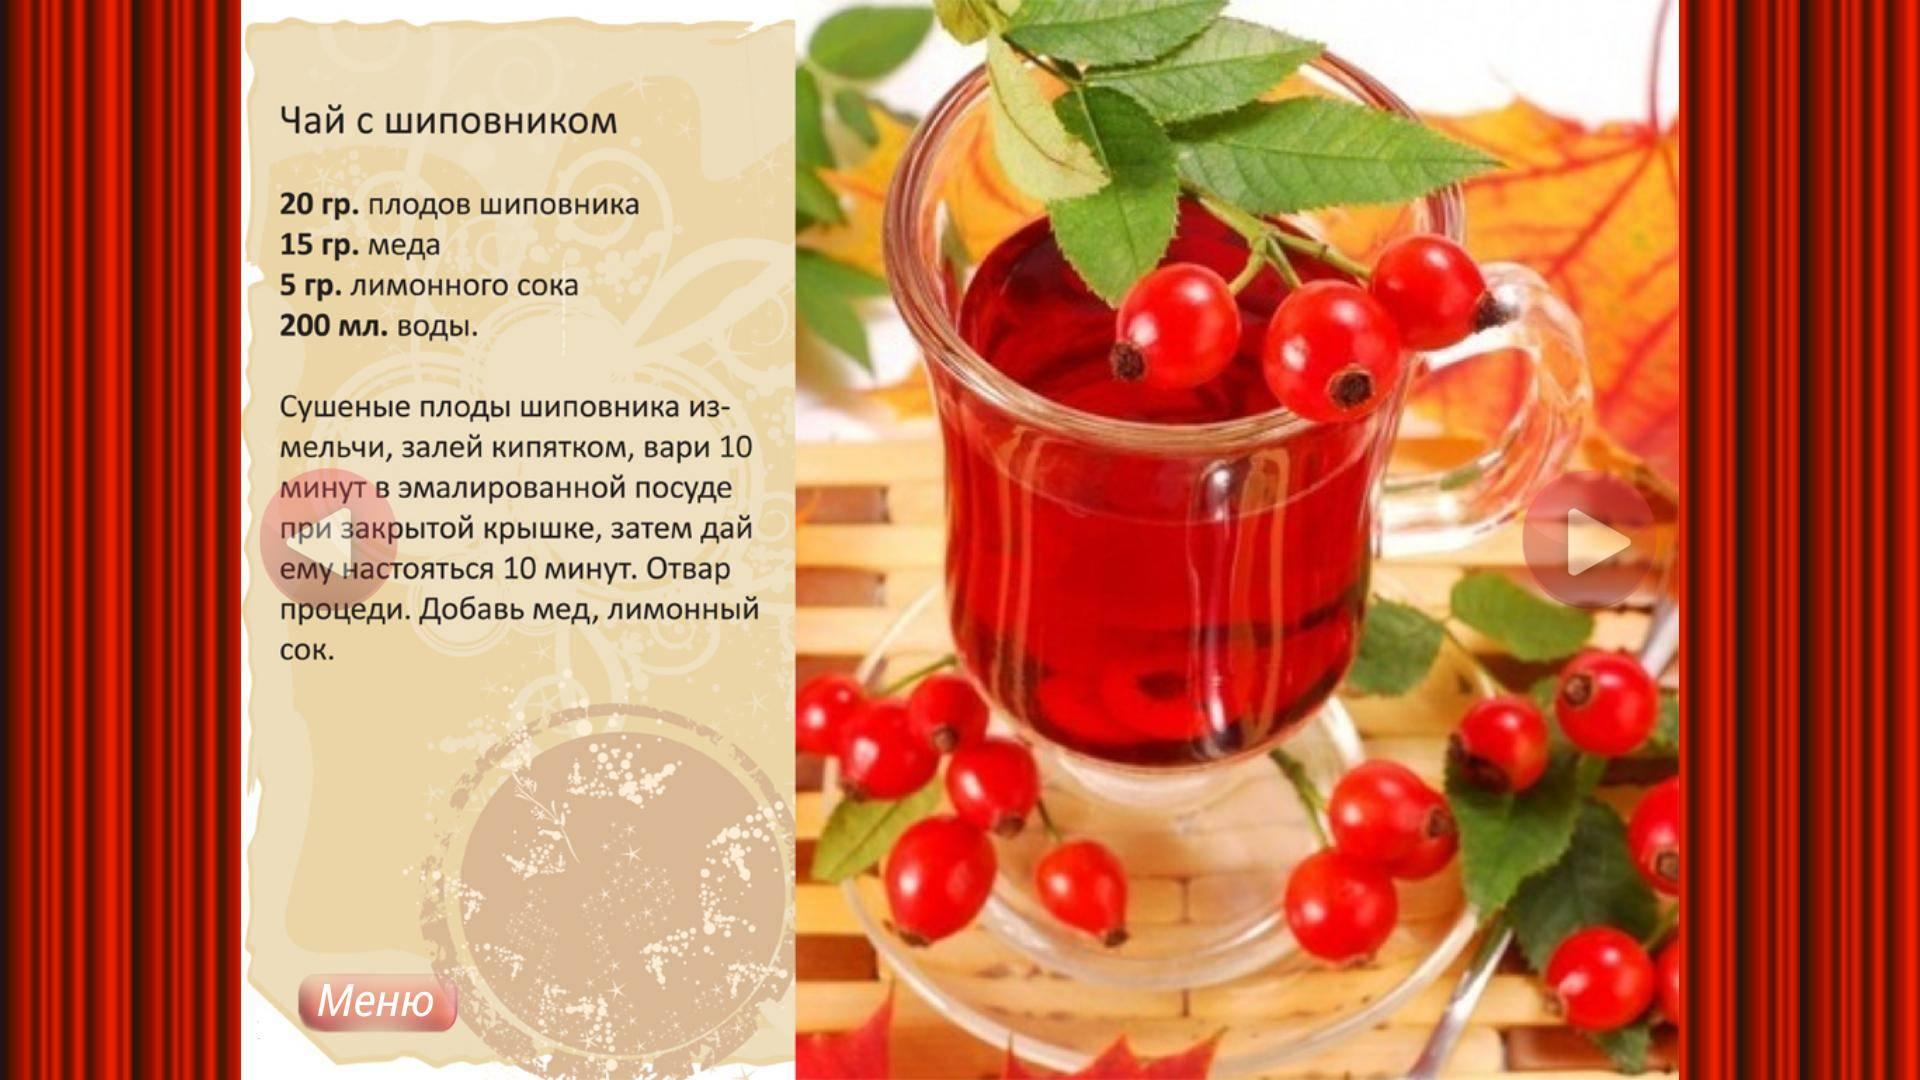 Чай из листьев малины: польза и вред, рецепты